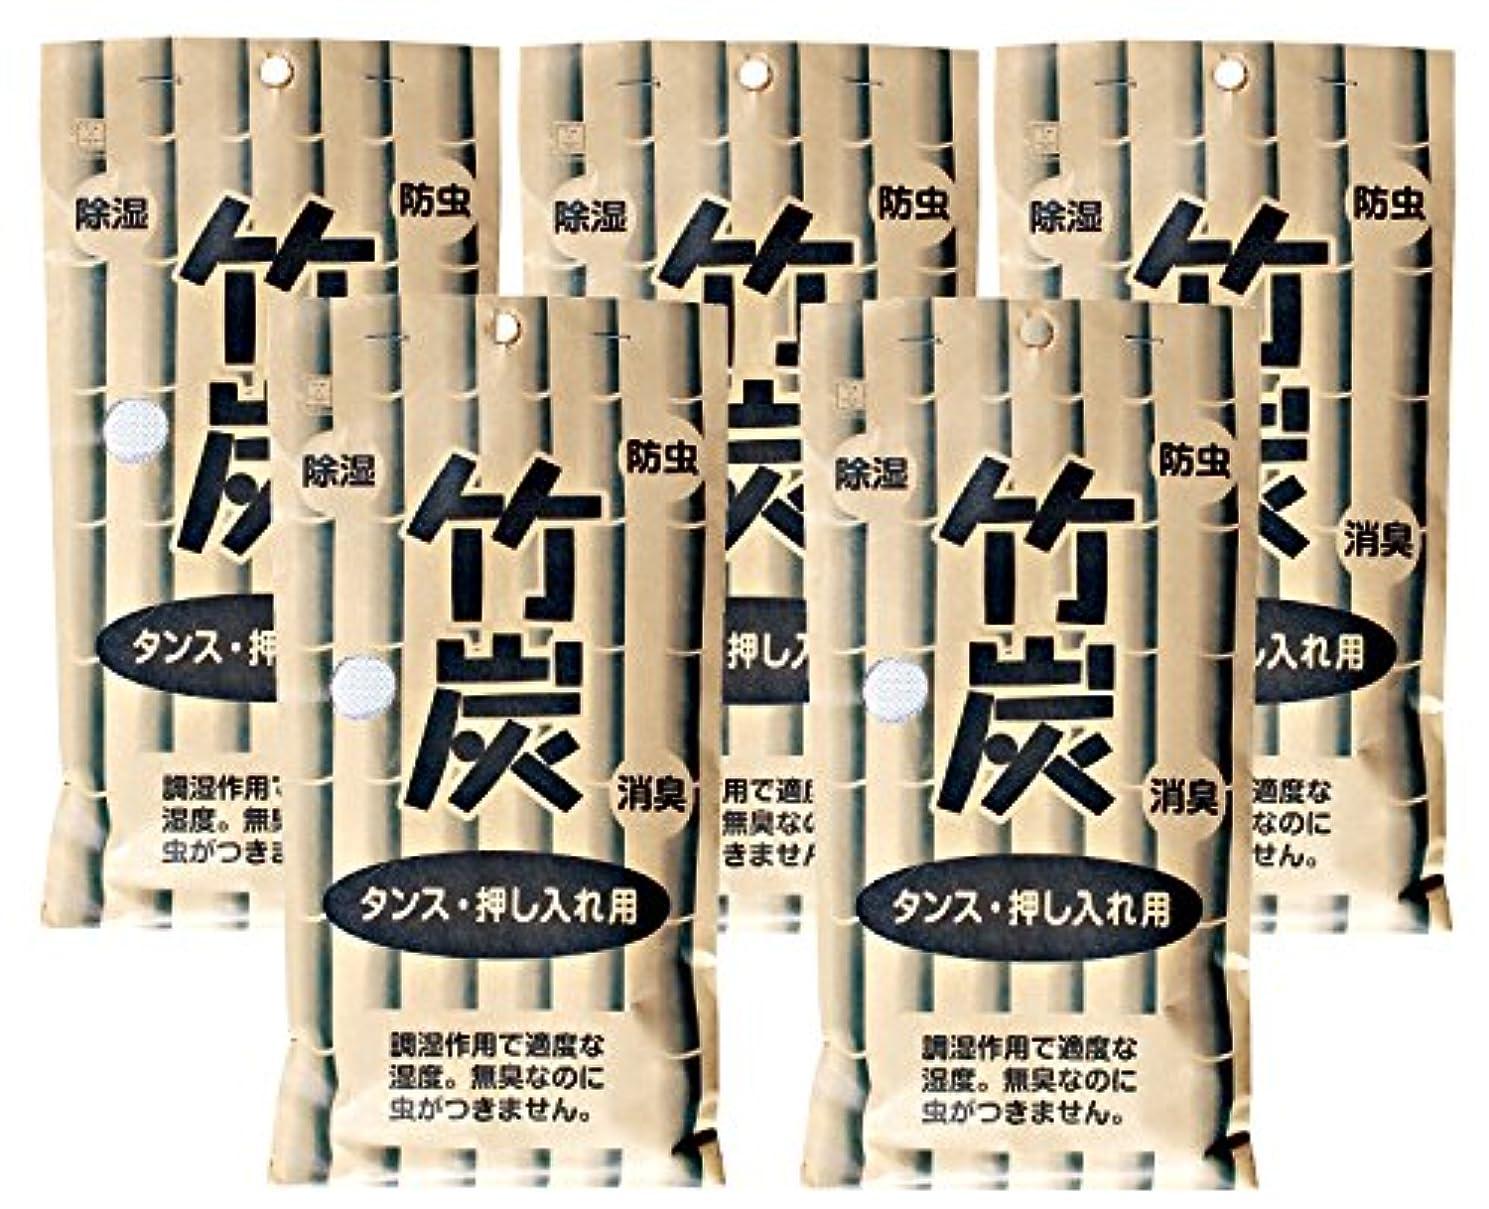 バングさびたファシズム小久保工業所 竹炭 消臭剤 (タンス?押入れ用) 除湿剤 [80g×2個 5個セット]